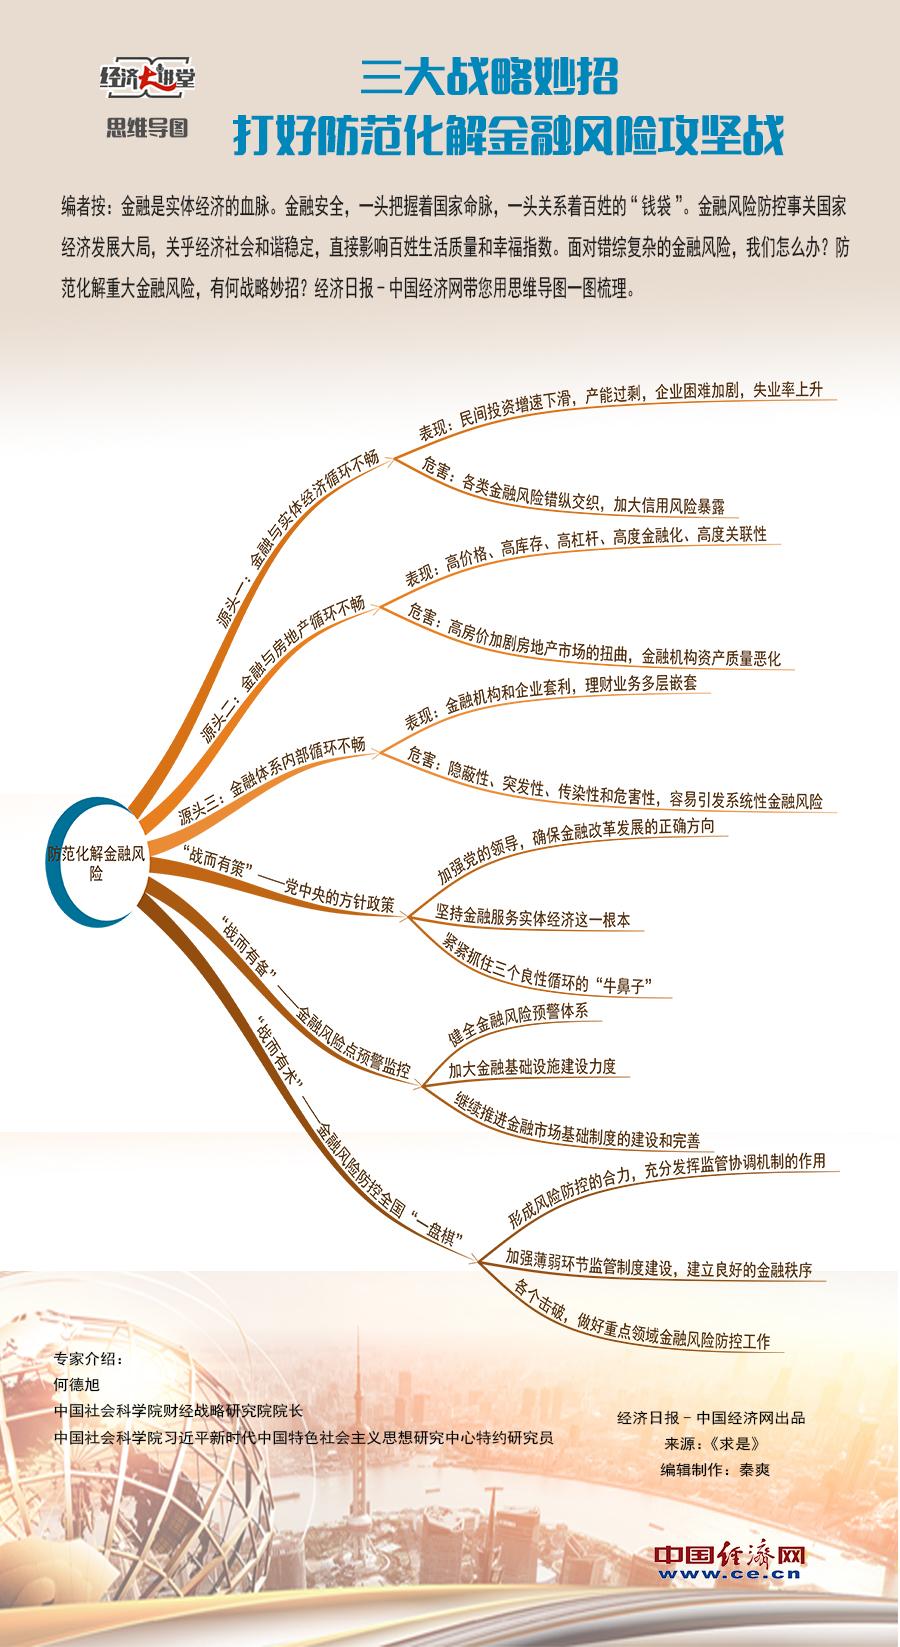 【理上网来・经济大讲堂】三大战略妙招打好防范化解金融风险攻坚战(思维导图)